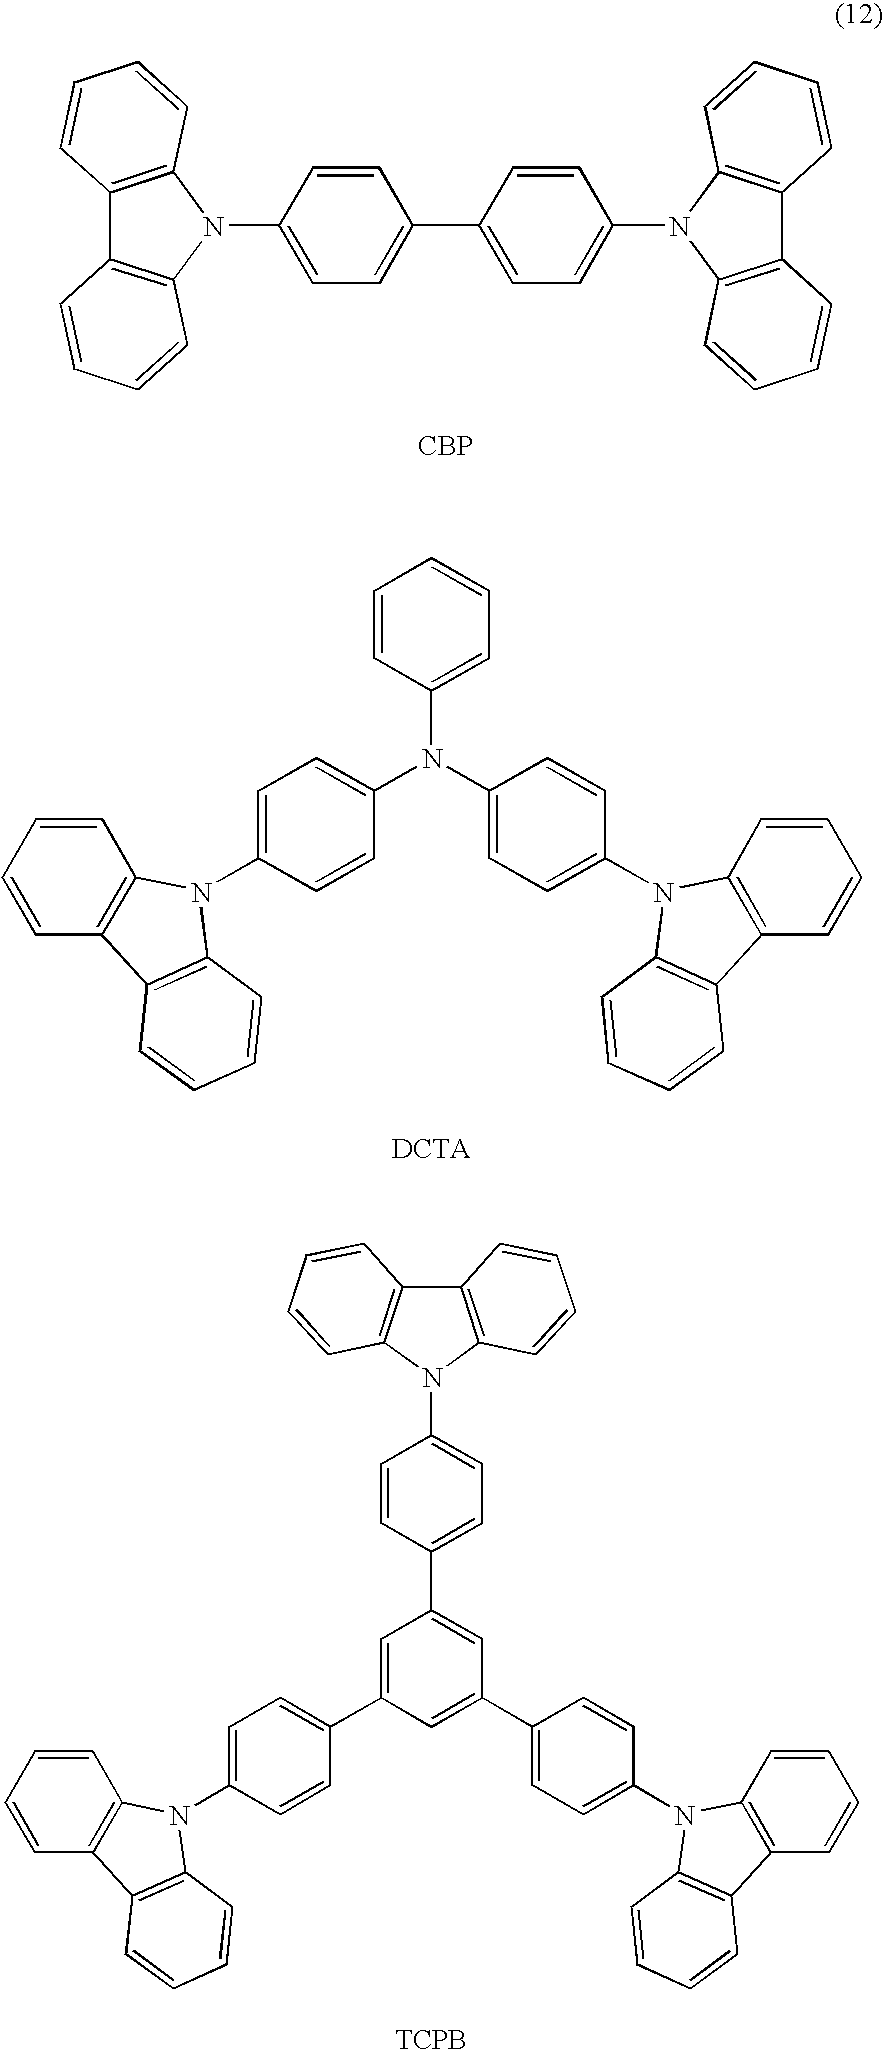 Figure US20090026942A1-20090129-C00010